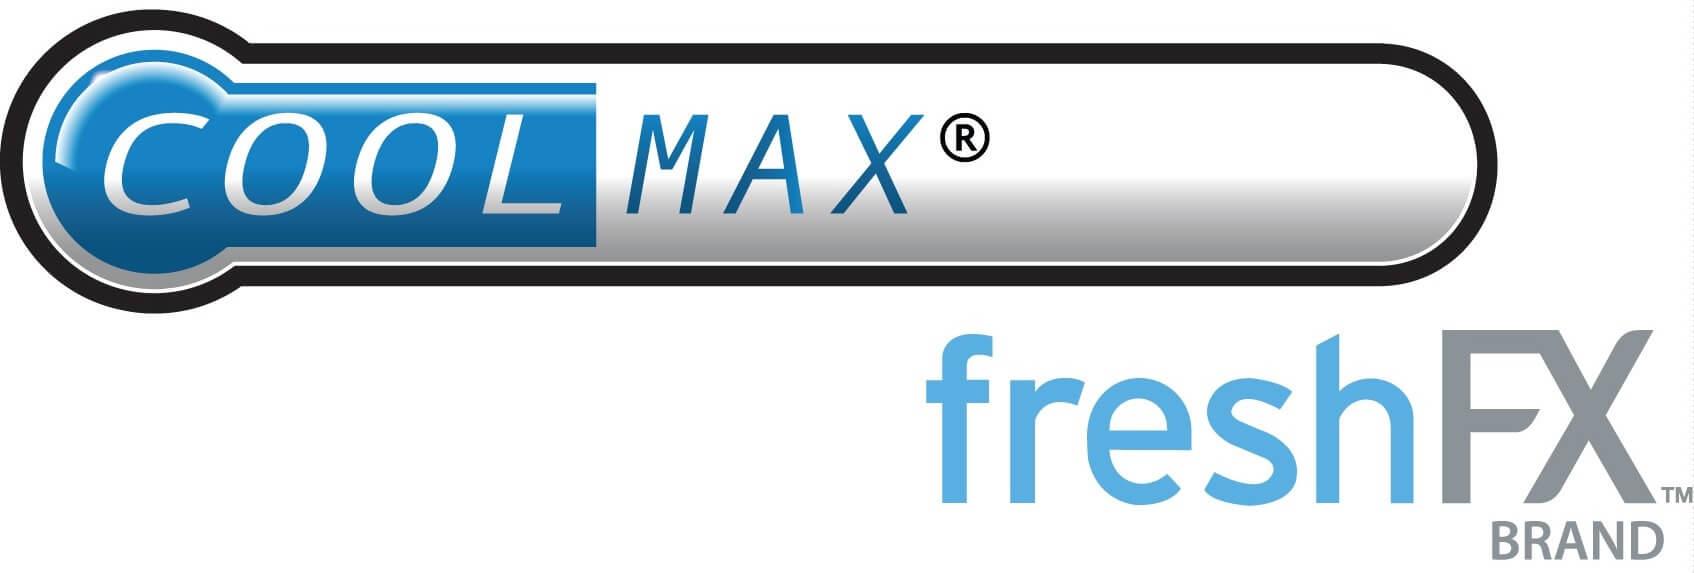 Технология Coolmax